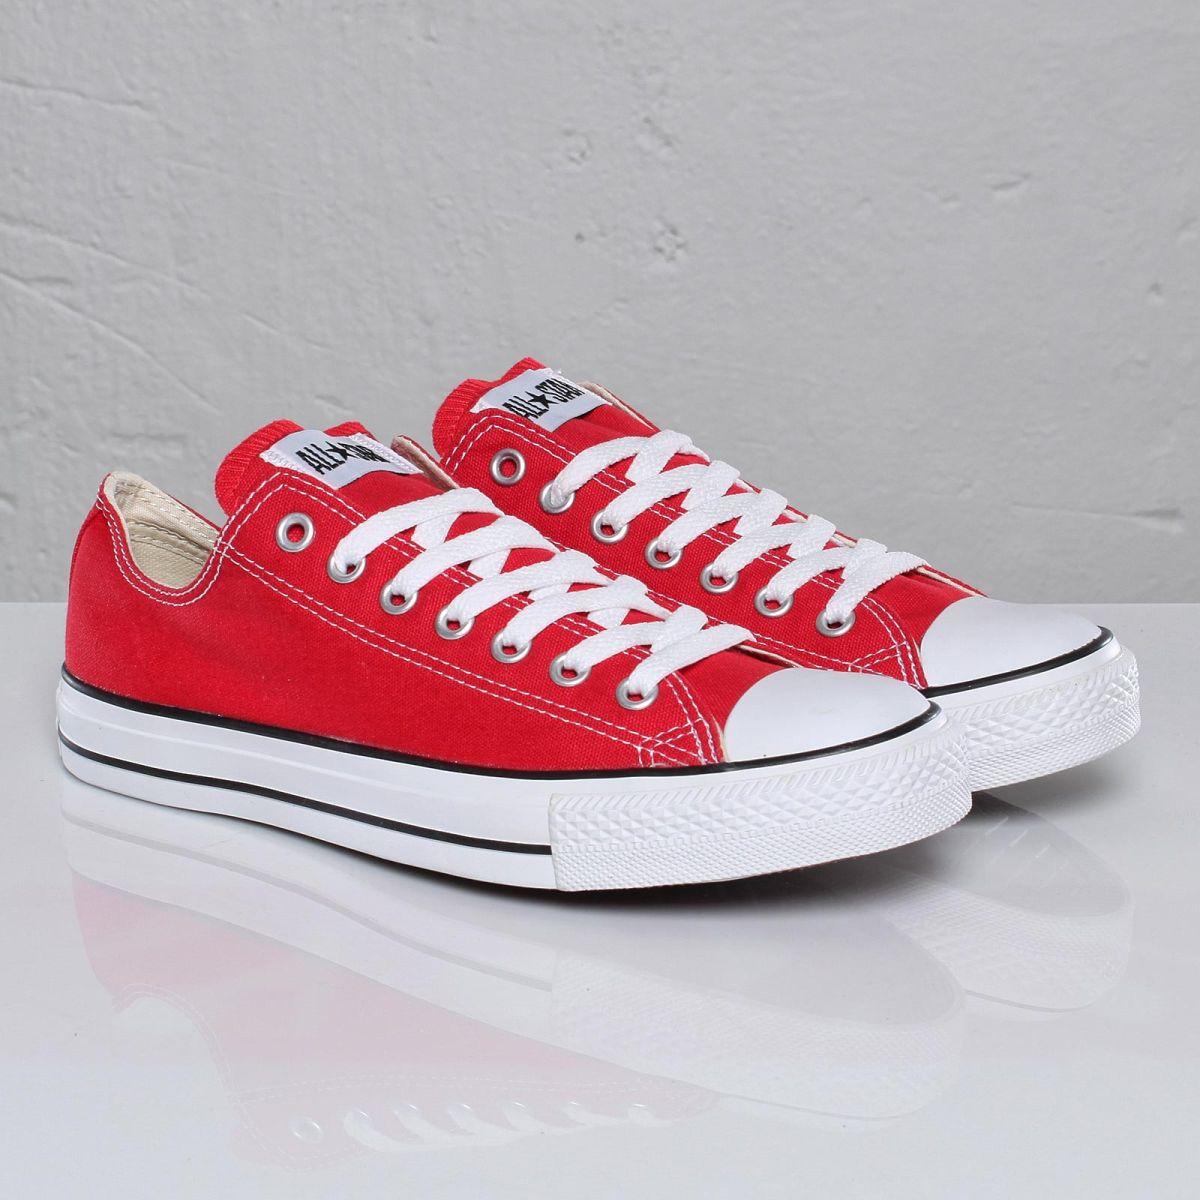 Giày converse nữ chất lượng